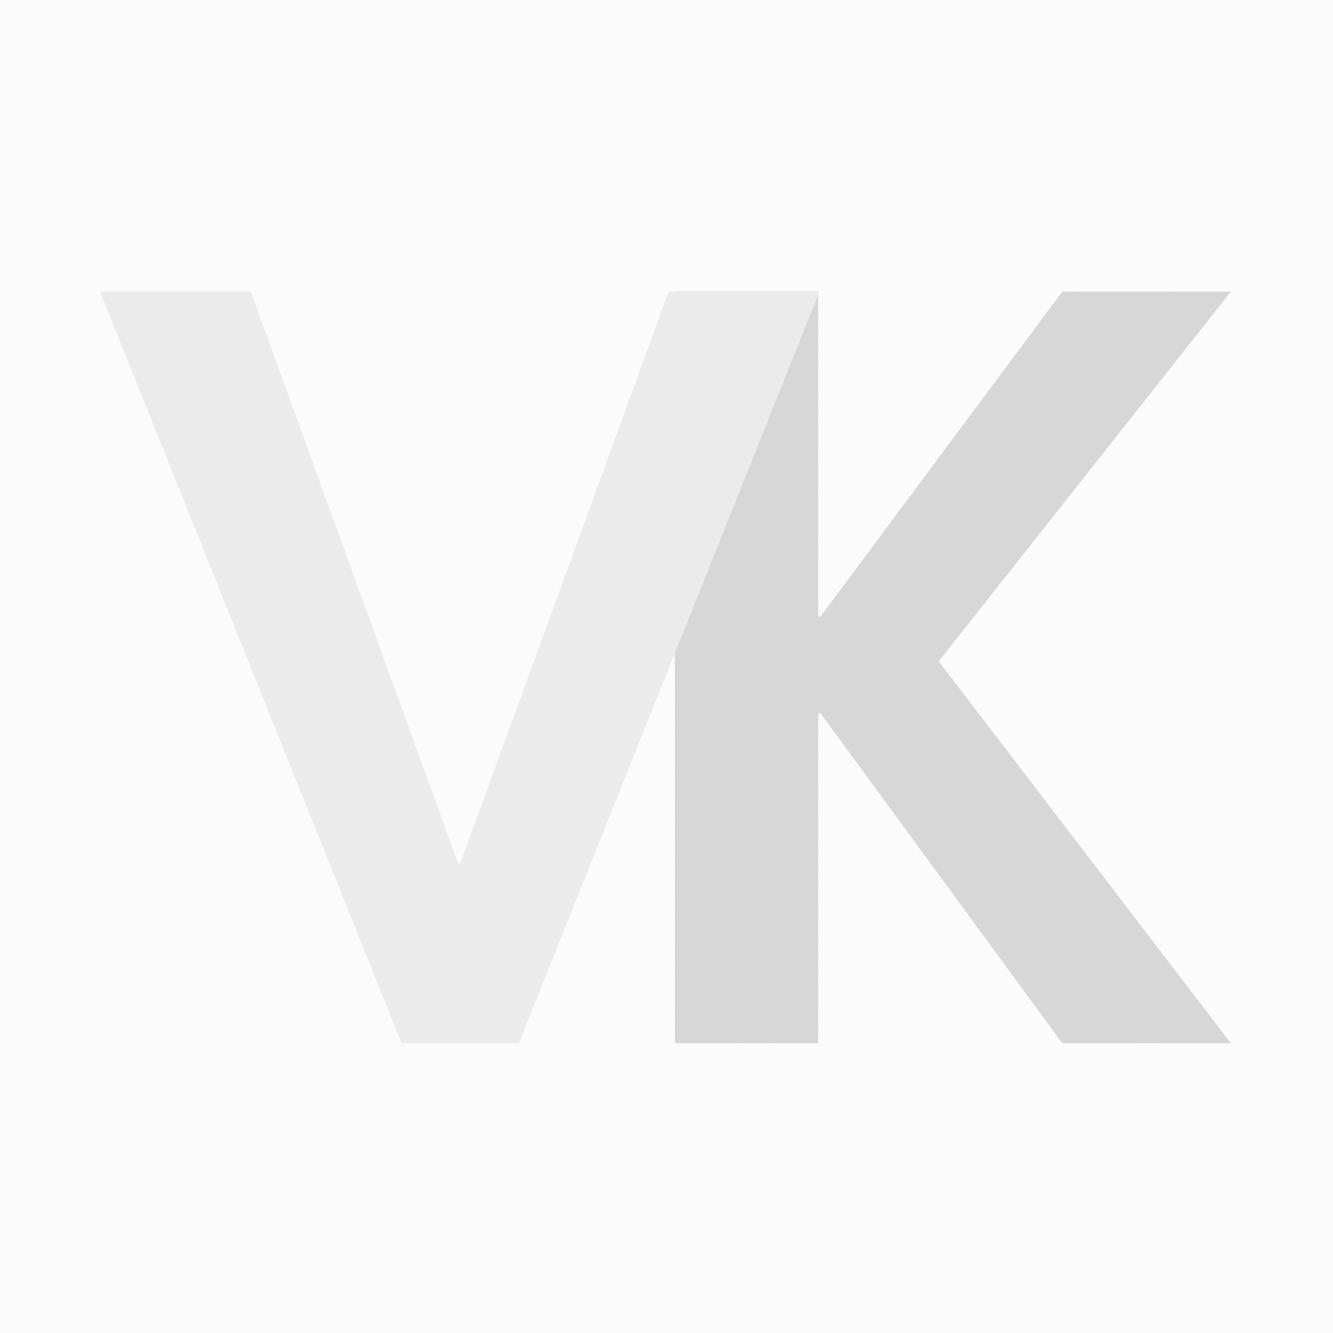 Kyone 620 Micro S Kappersschaar 5.5